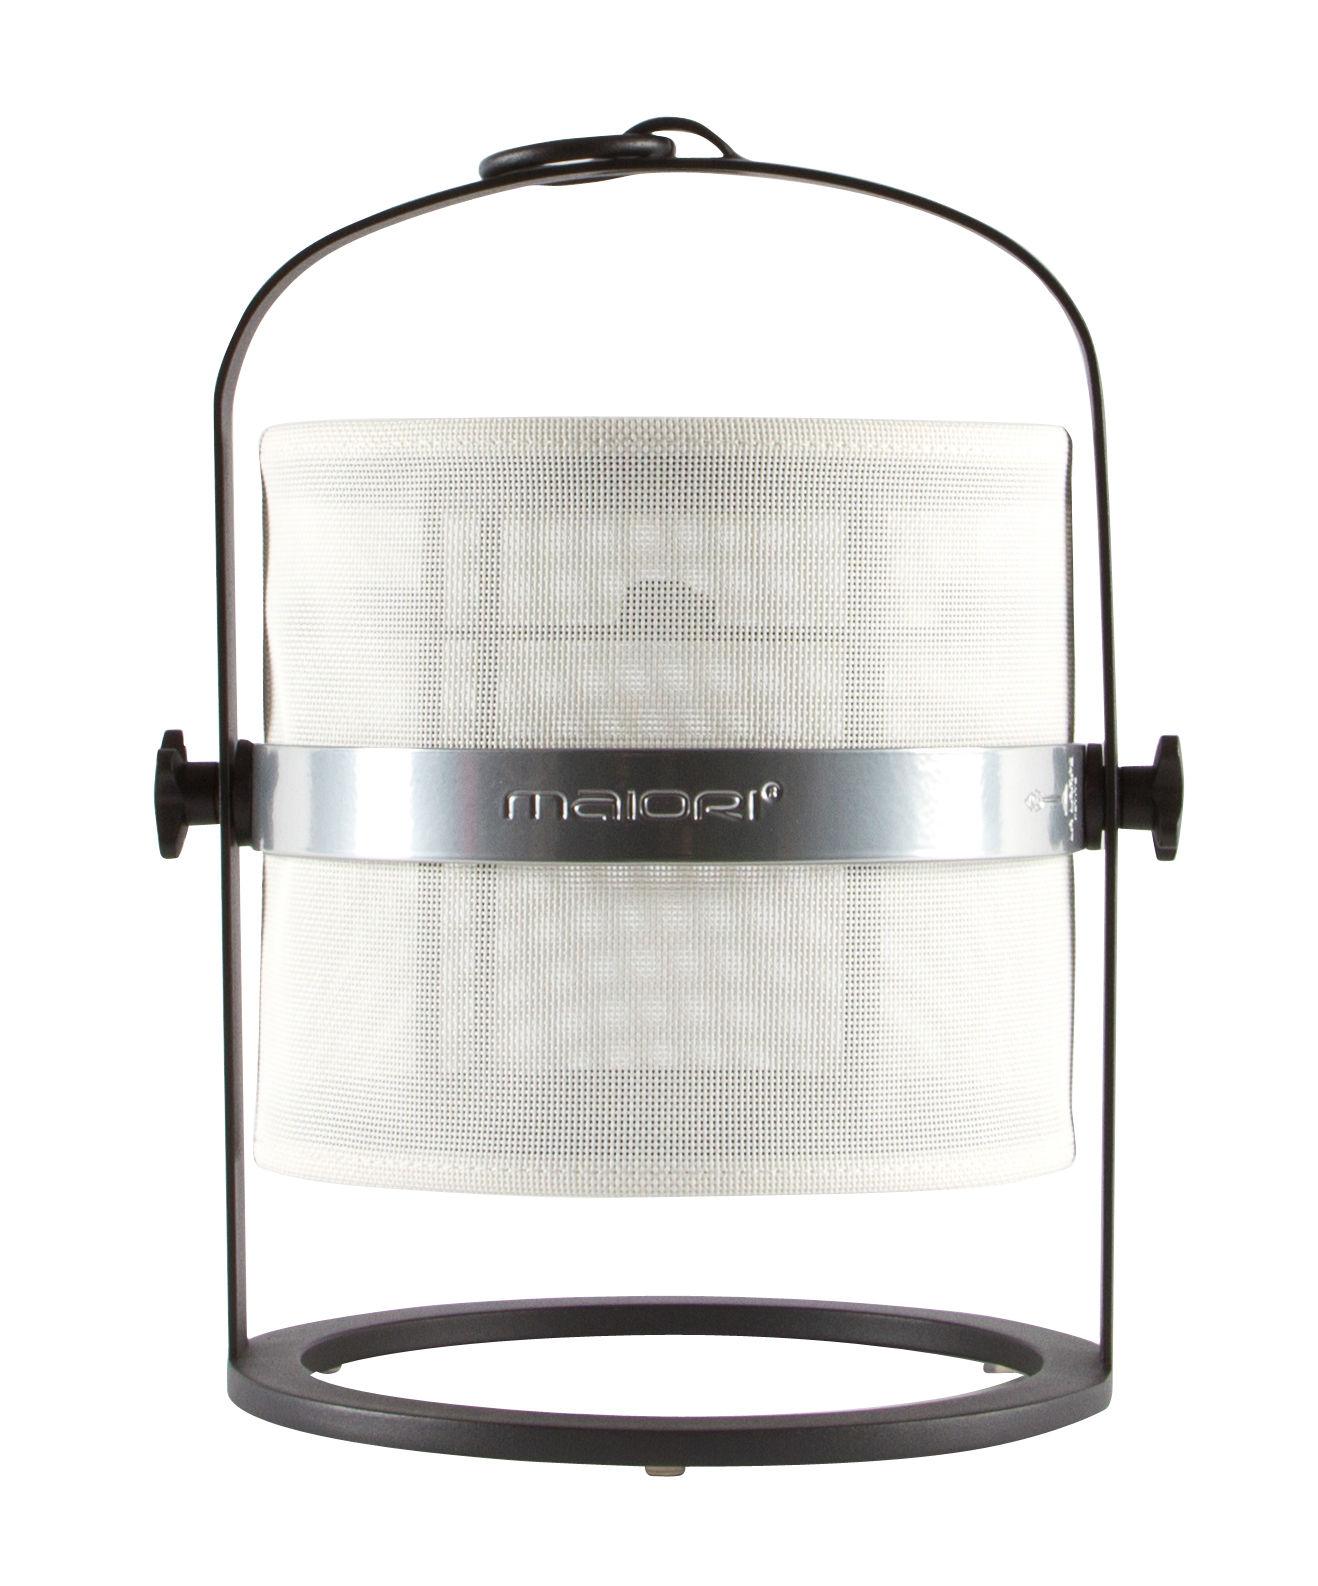 lampe solaire la lampe petite led sans fil structure noire blanc structure noire maiori. Black Bedroom Furniture Sets. Home Design Ideas